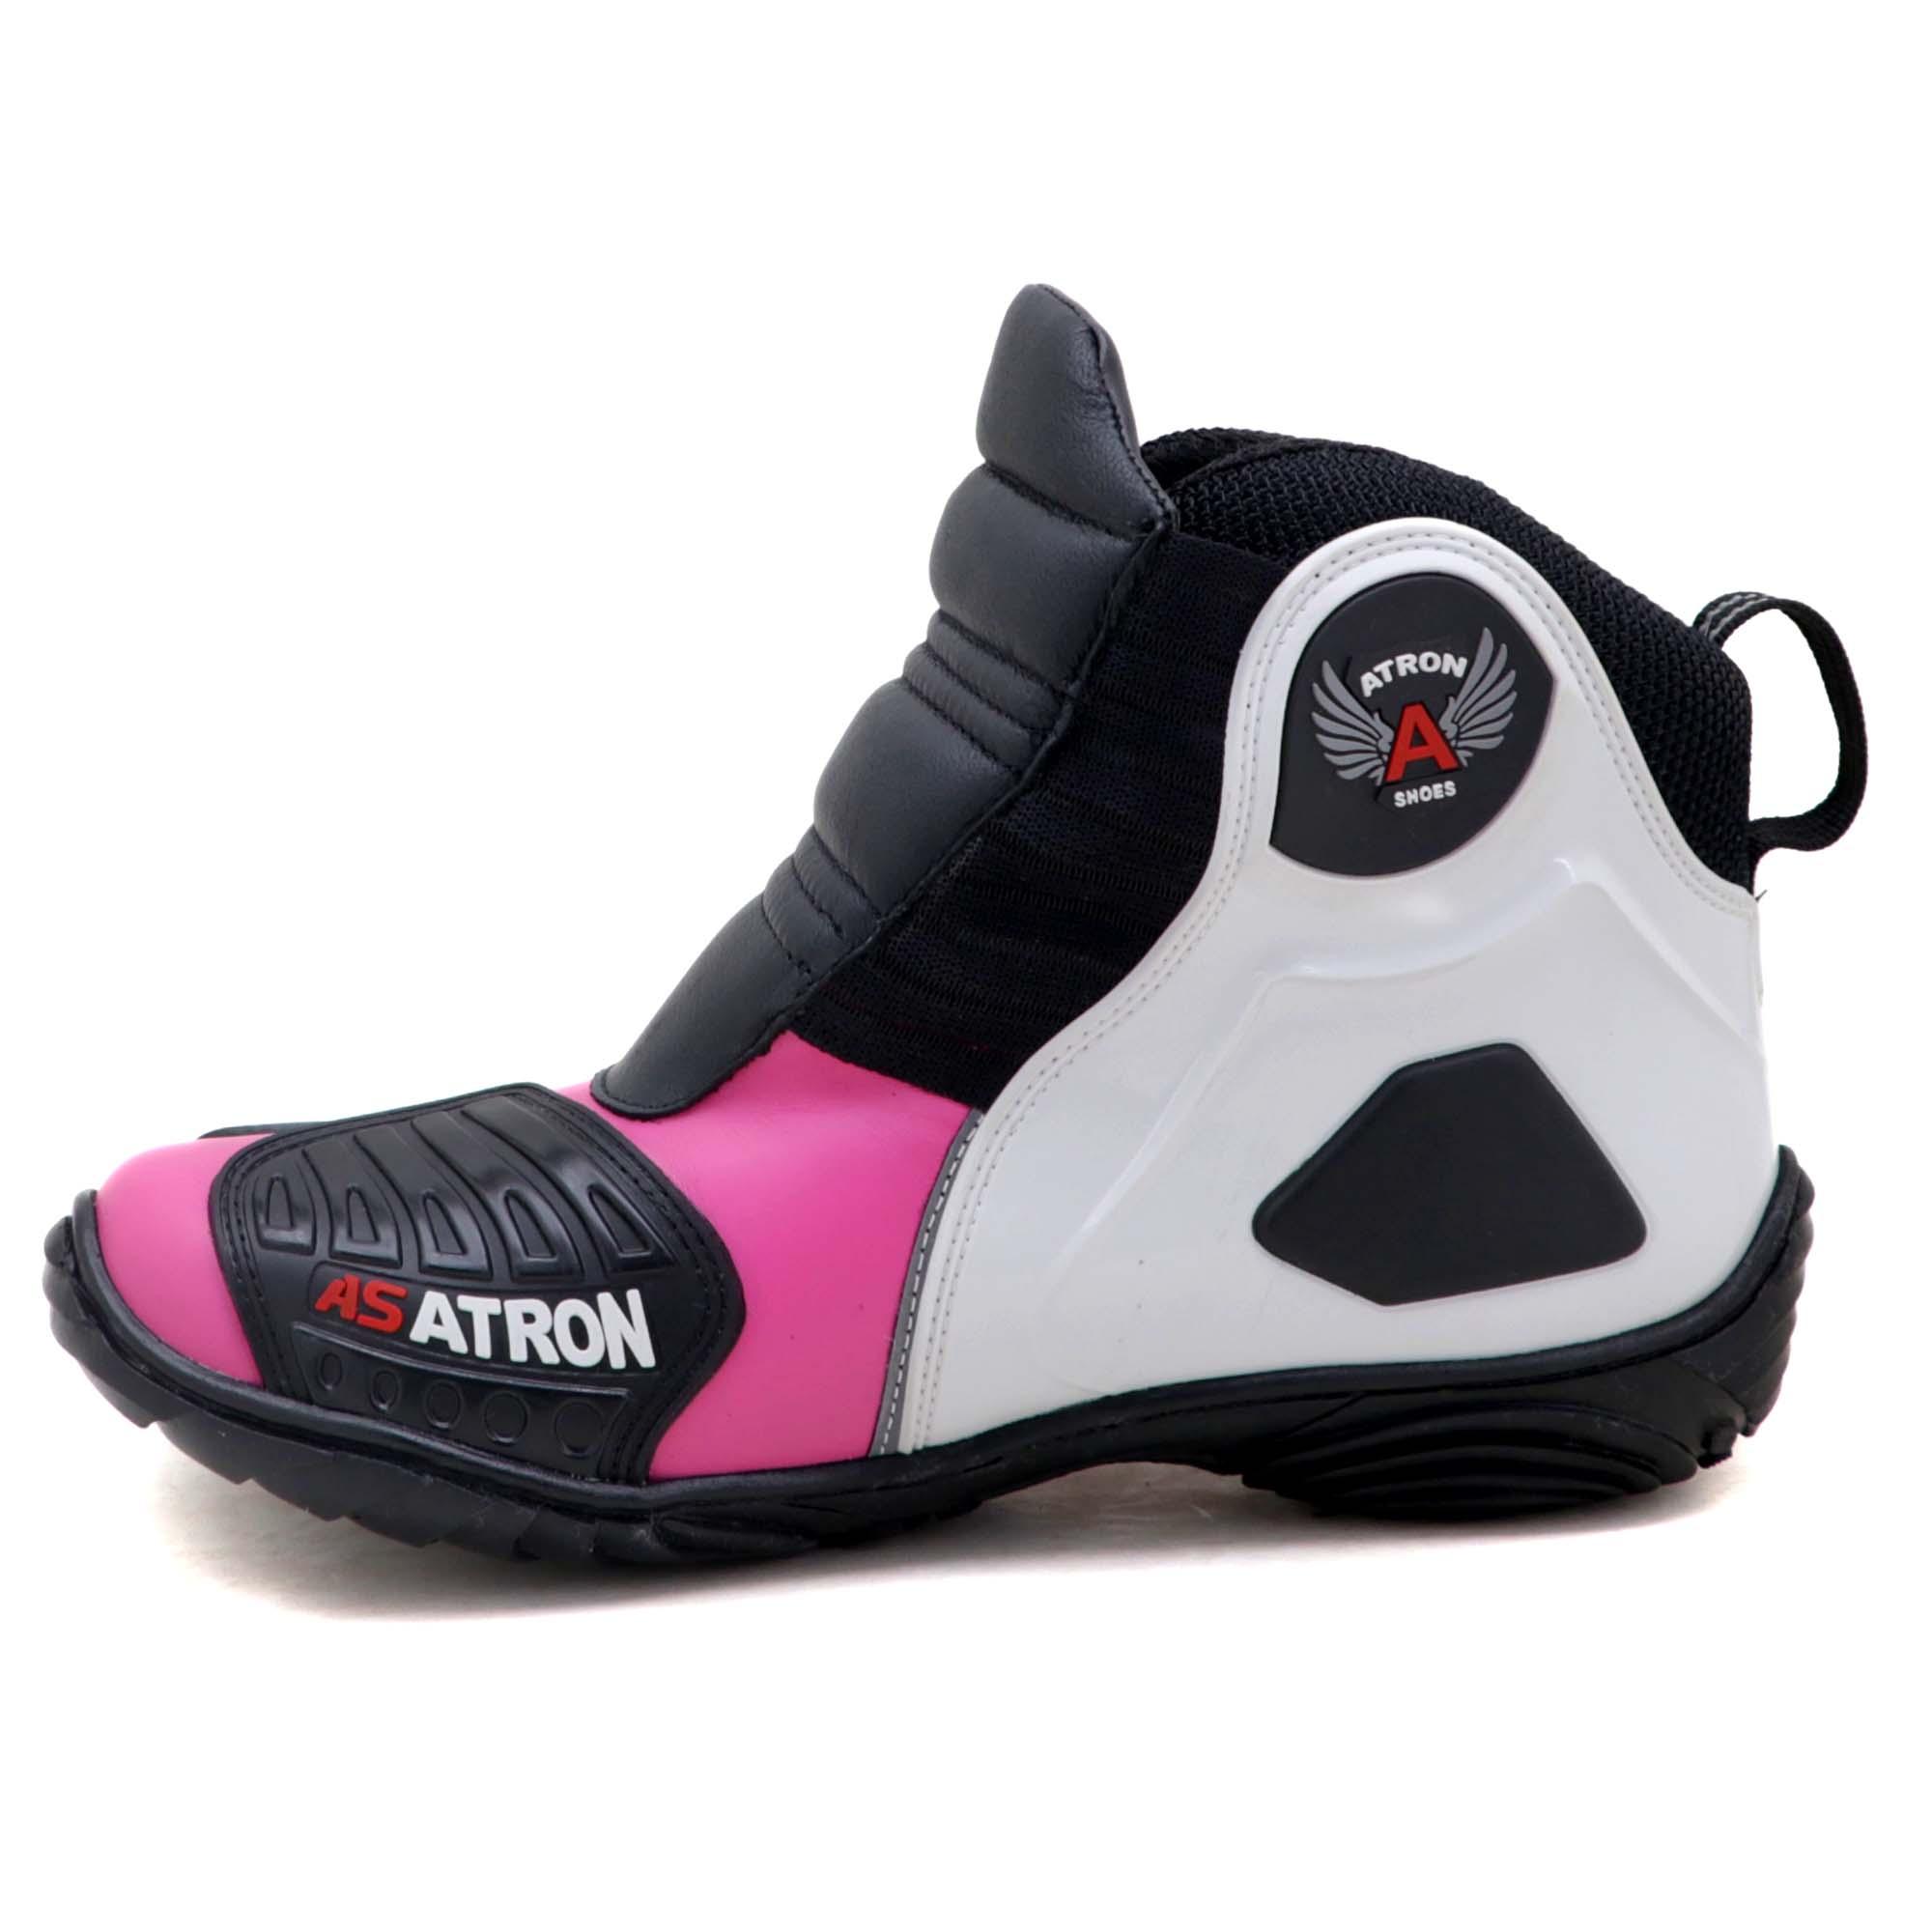 Bota motociclista Atron Shoes AS-HIGHWAY em couro legítimo semi-impermeável emborrachada Com elástico na cor Pink 408